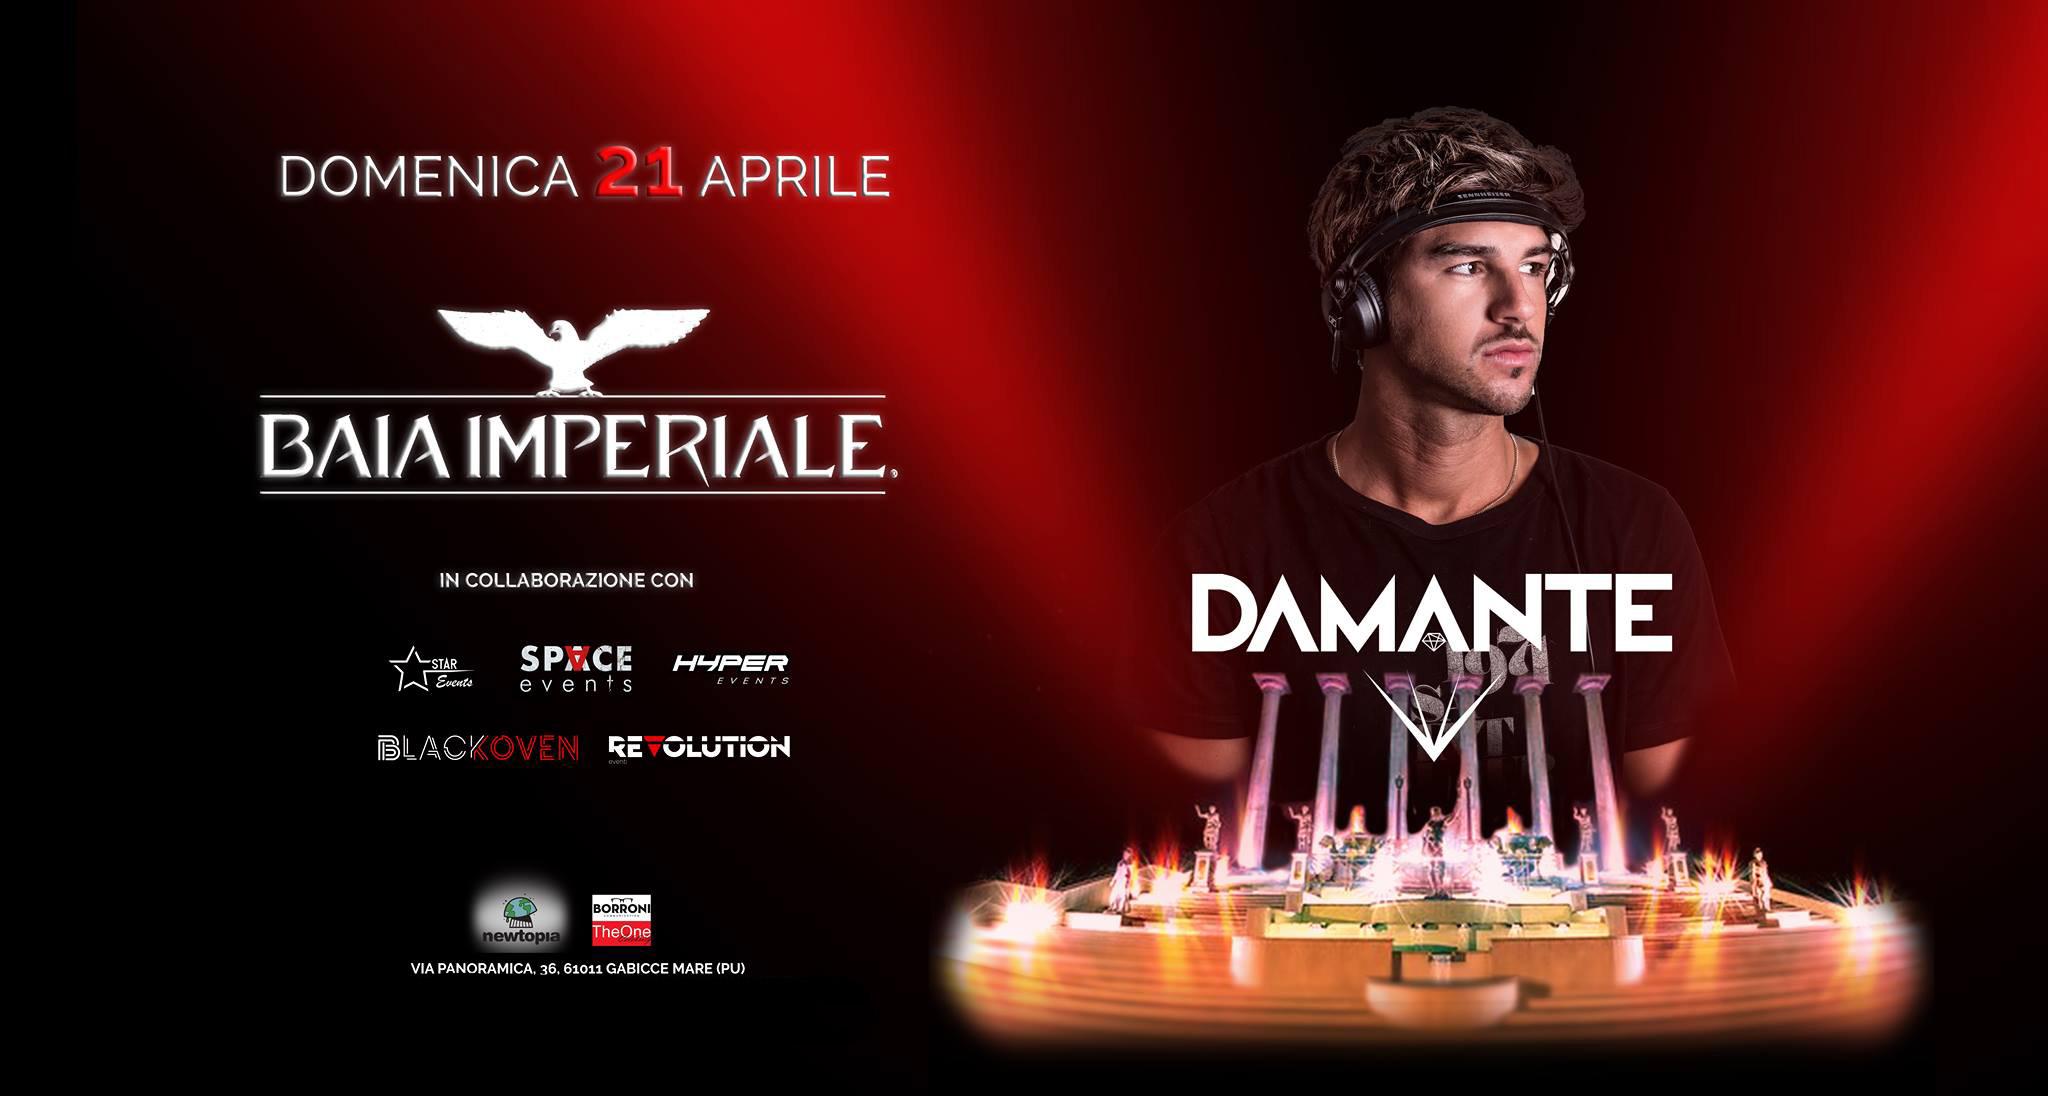 Pasqua 2019 Baia Imepriale Riccione DAMANTE – Domenica 21 Aprile 2019 – Ticket e Pacchetti Hotel